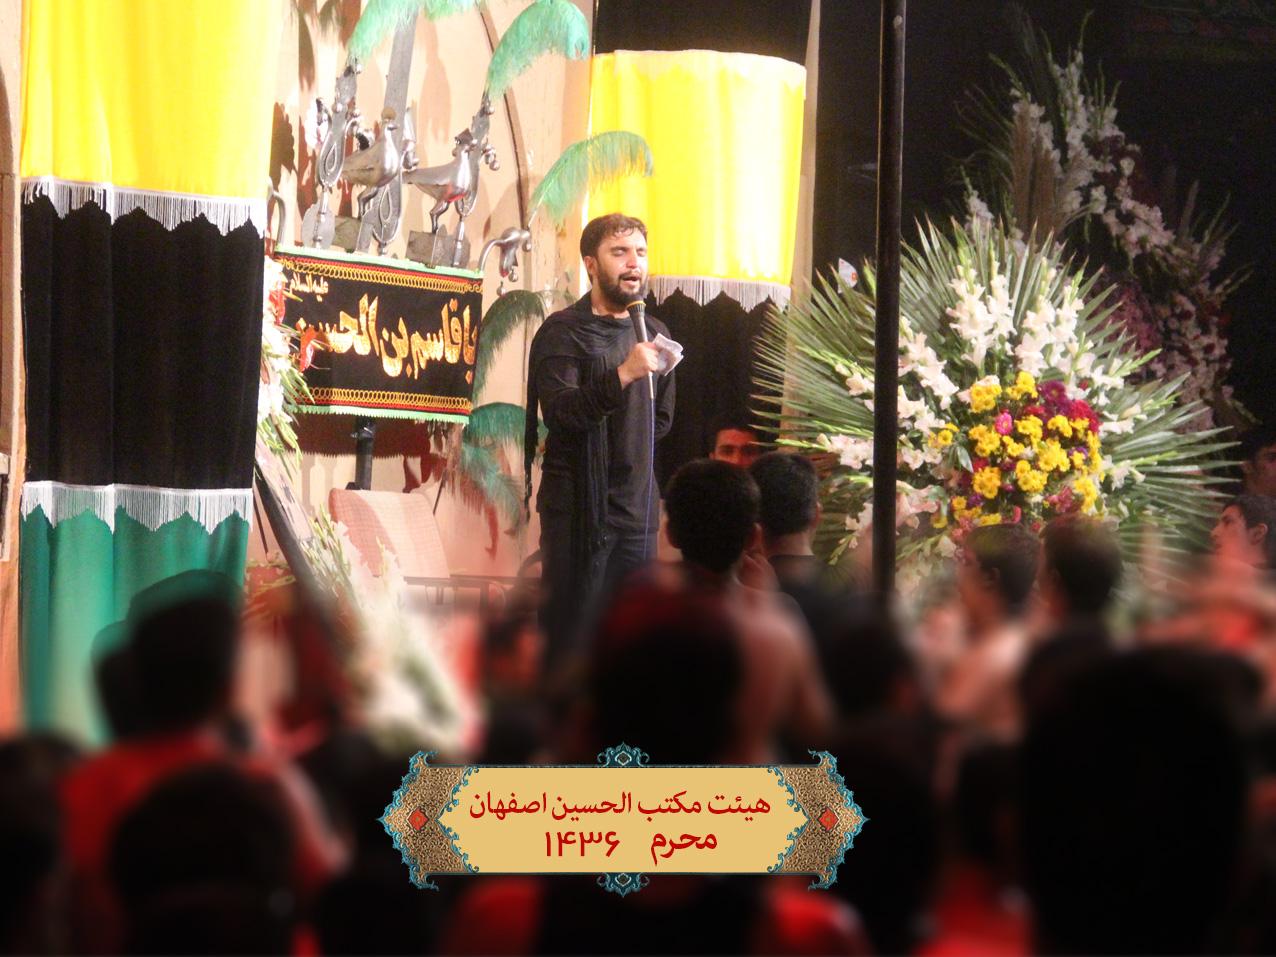 کربلایی حمید علیمی شب اول محرم تا شب تاسوعا 93 -اصفهان